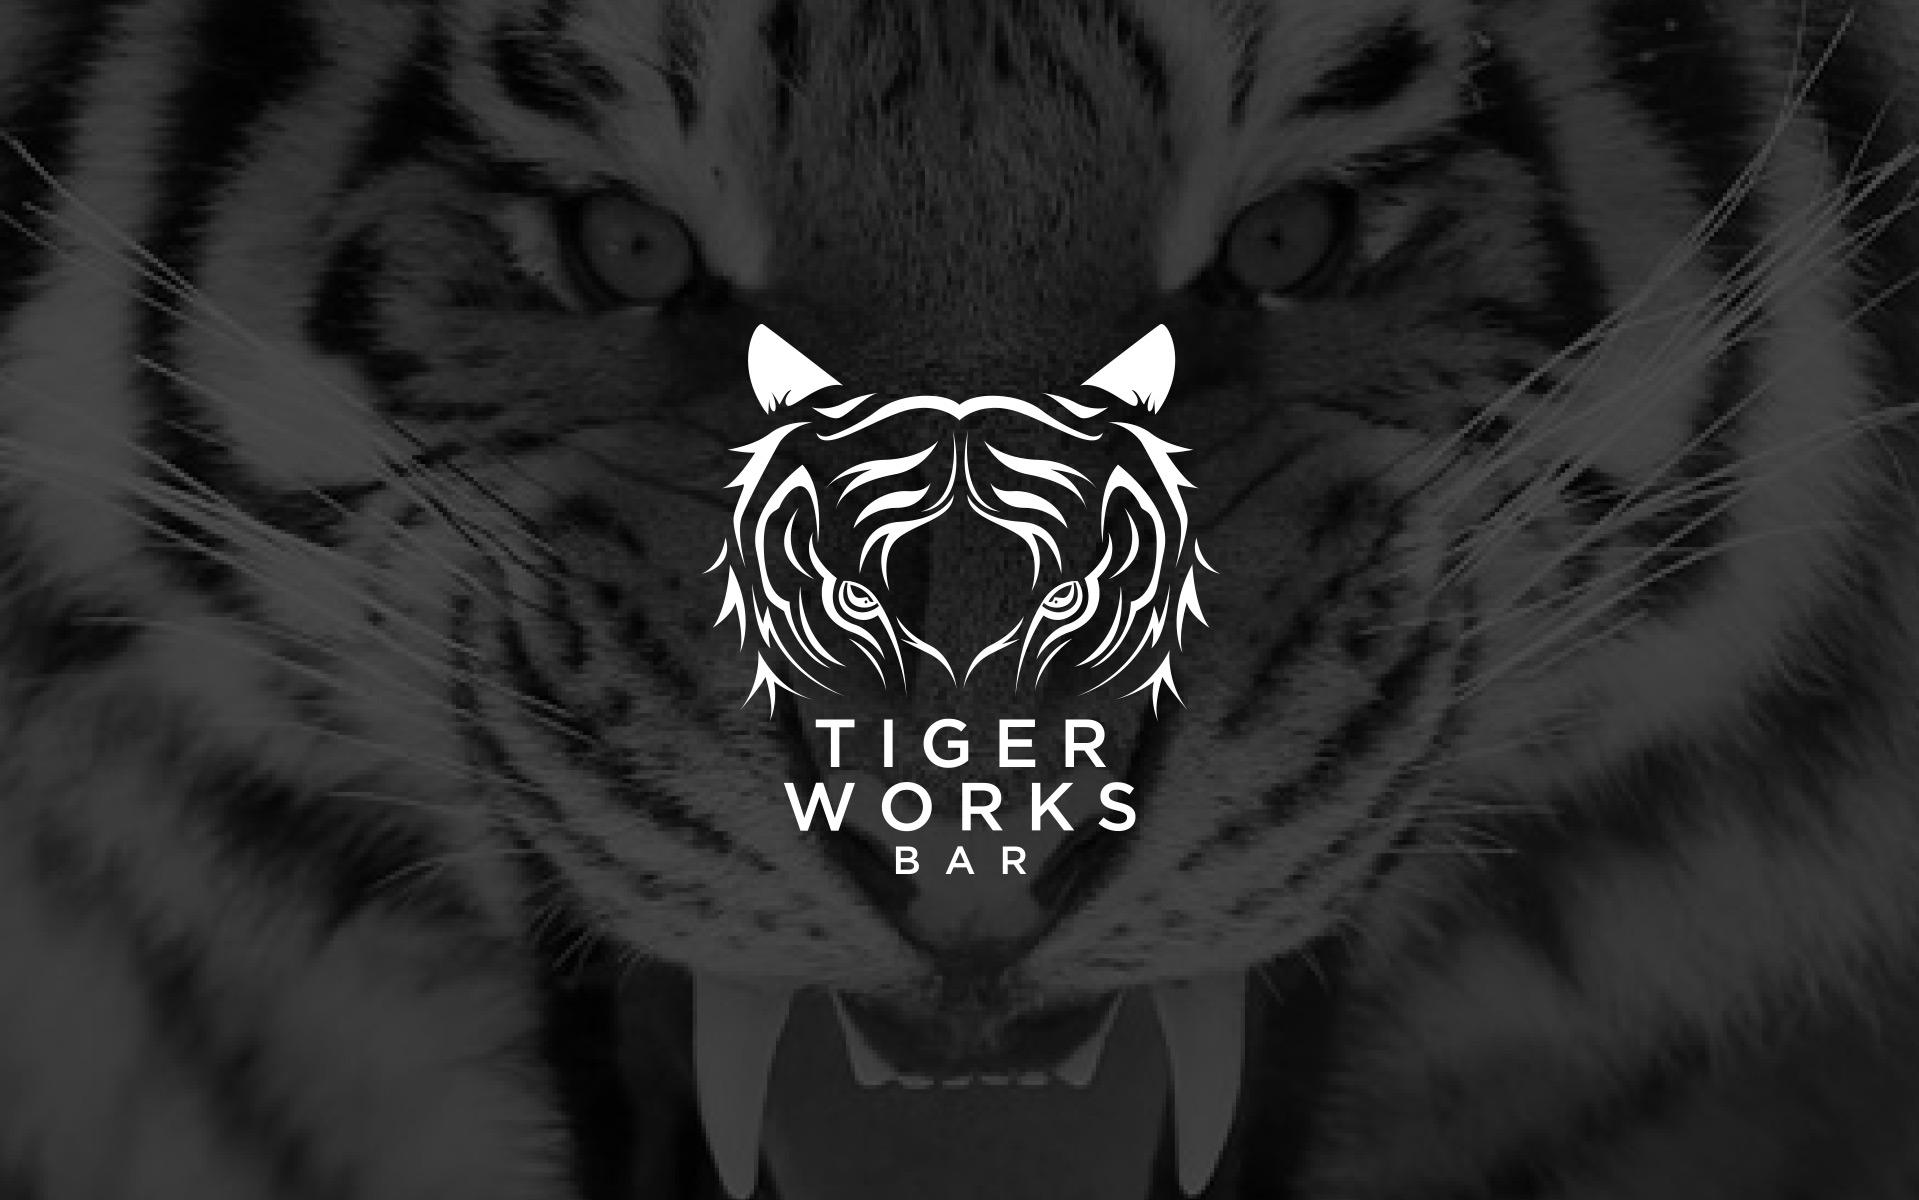 TIGER WORKS